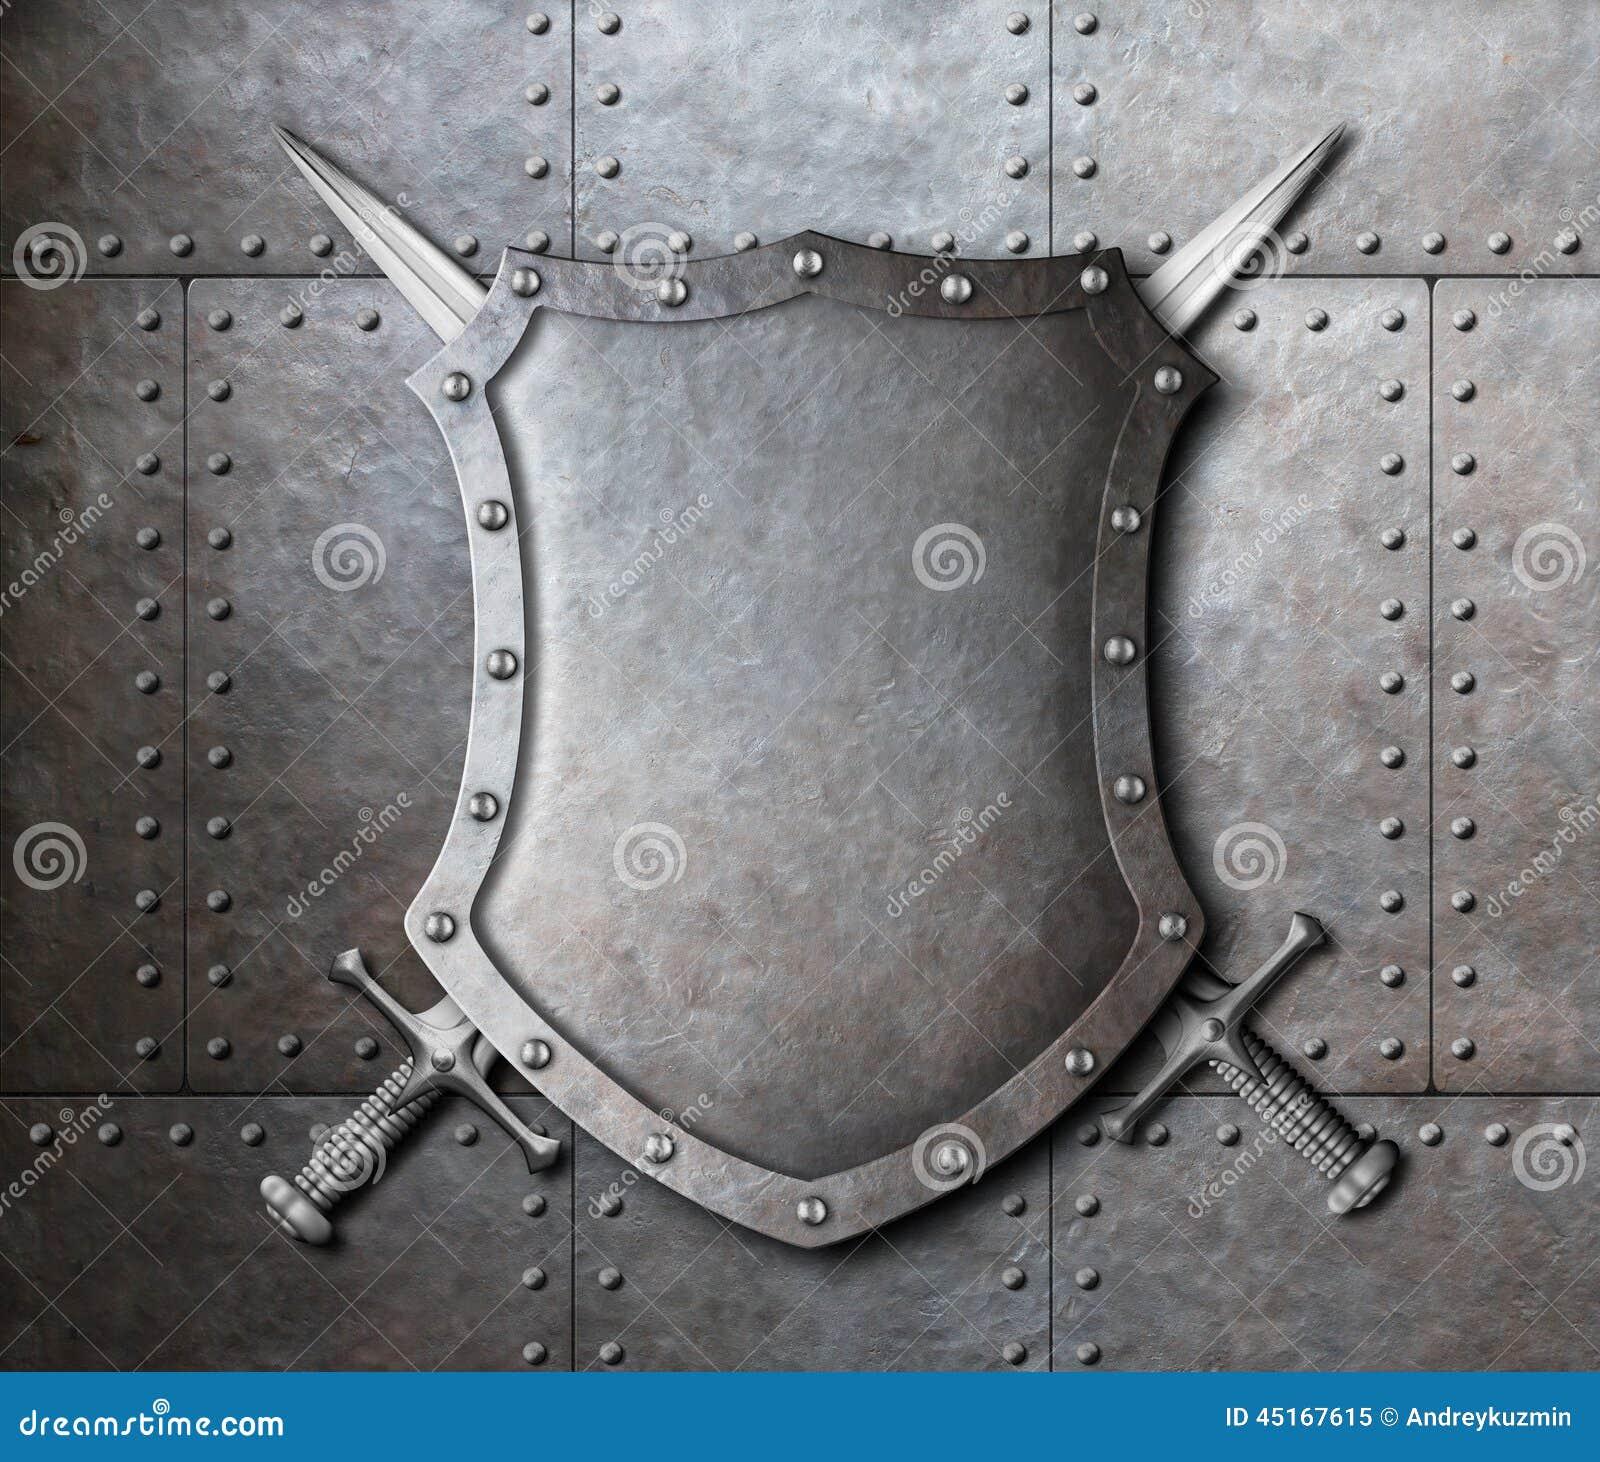 Belägga med metall skölden och två korsade svärd över harnesk